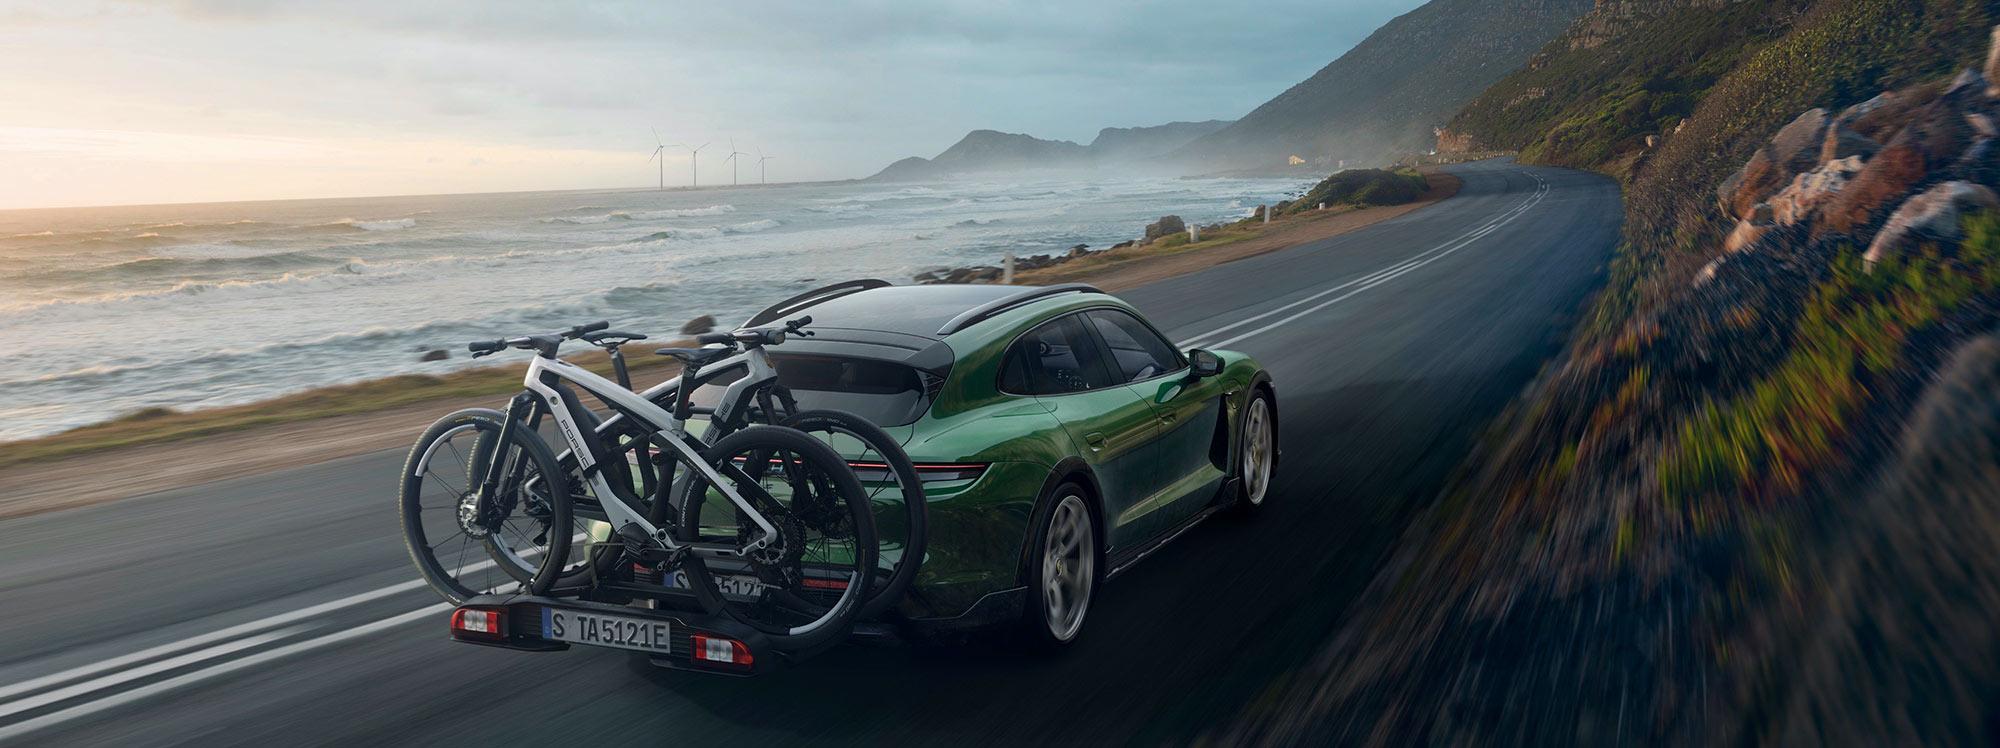 Así son las nuevas eBikes de Porsche